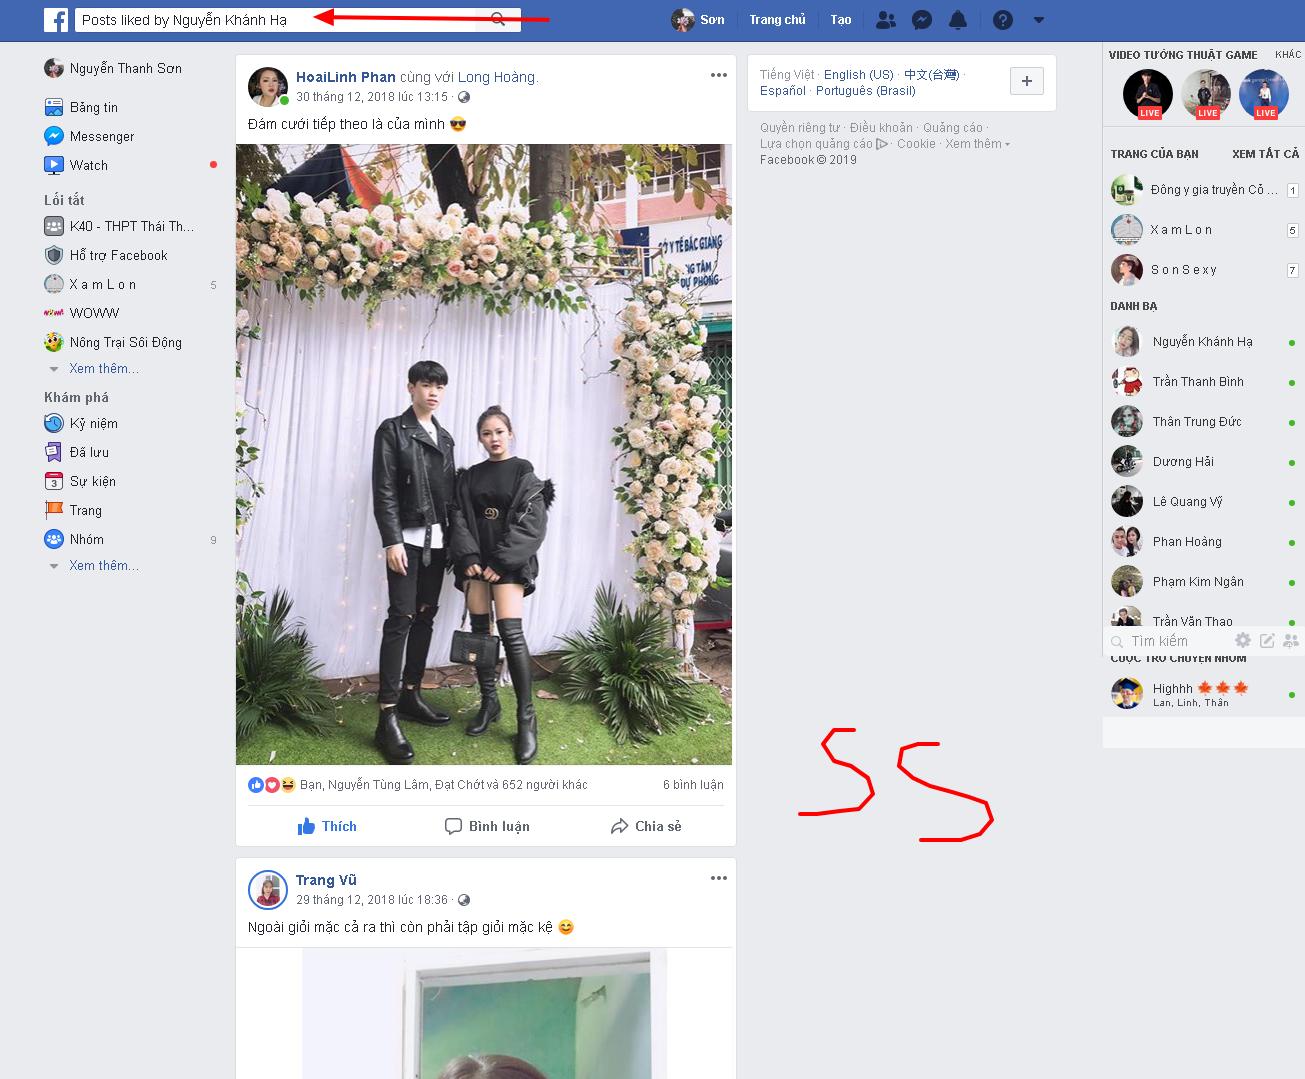 Thủ thuật xem người yêu hay like bài của ai trên facebook